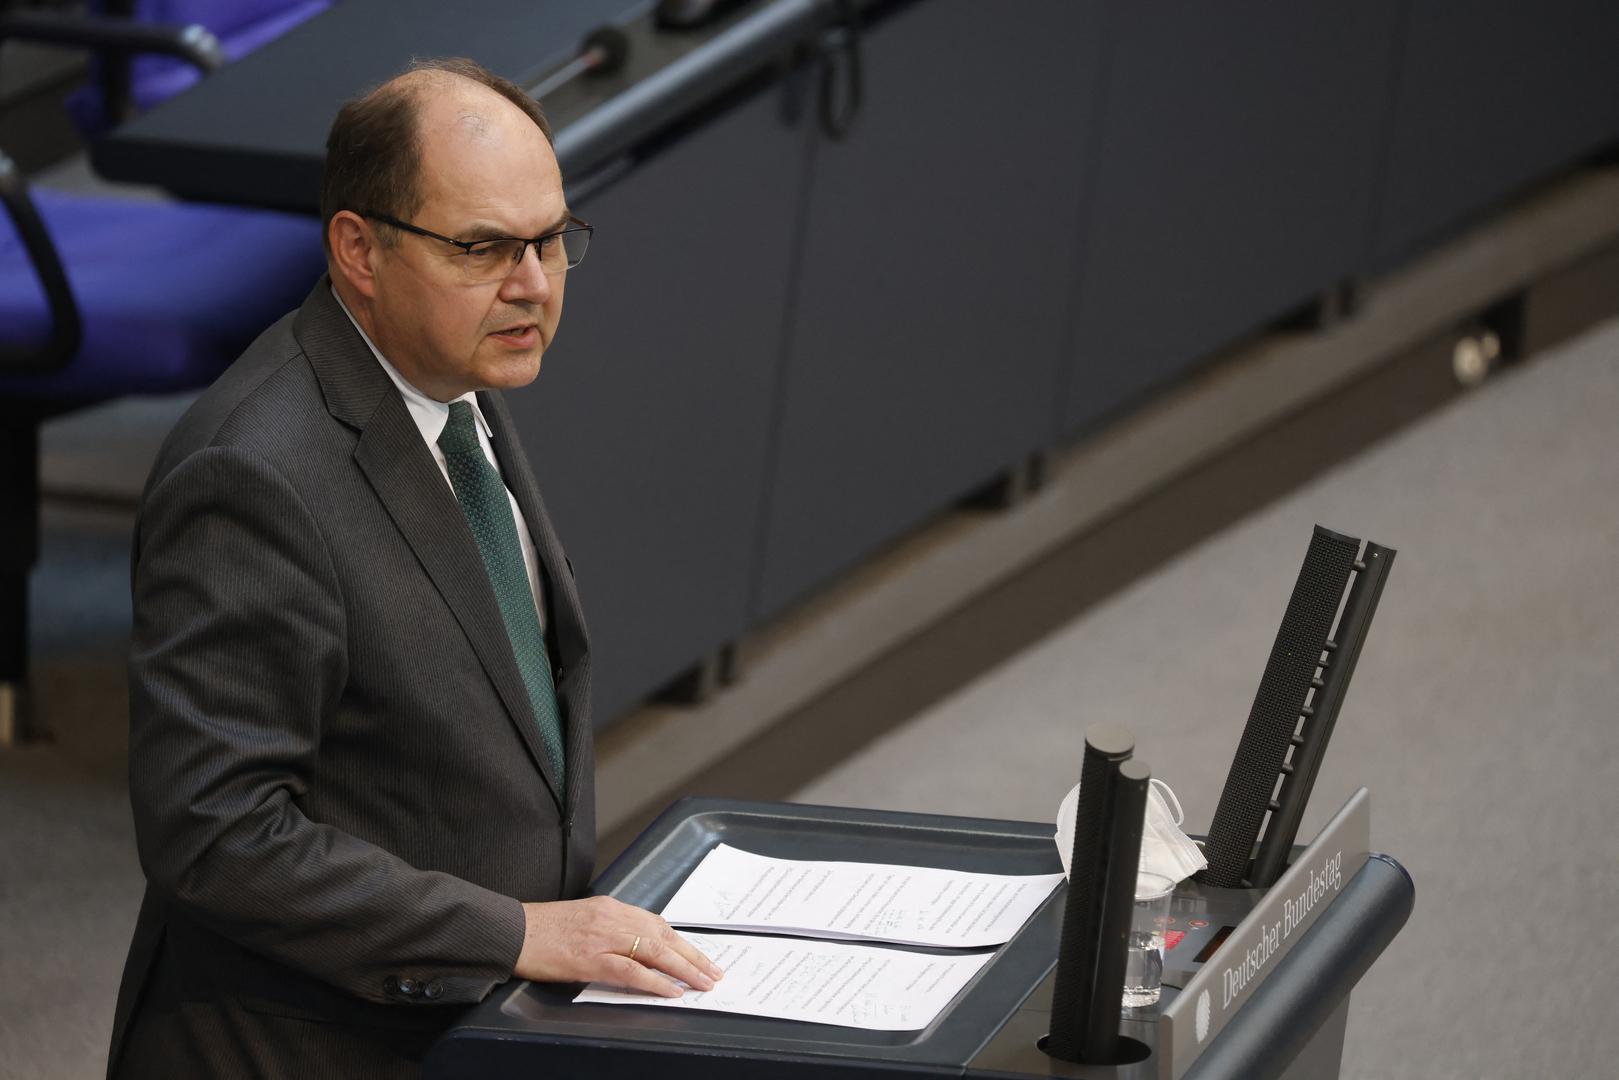 روسيا تعارض تعيين الألماني شميدت مفوضا أمميا للبوسنة والهرسك